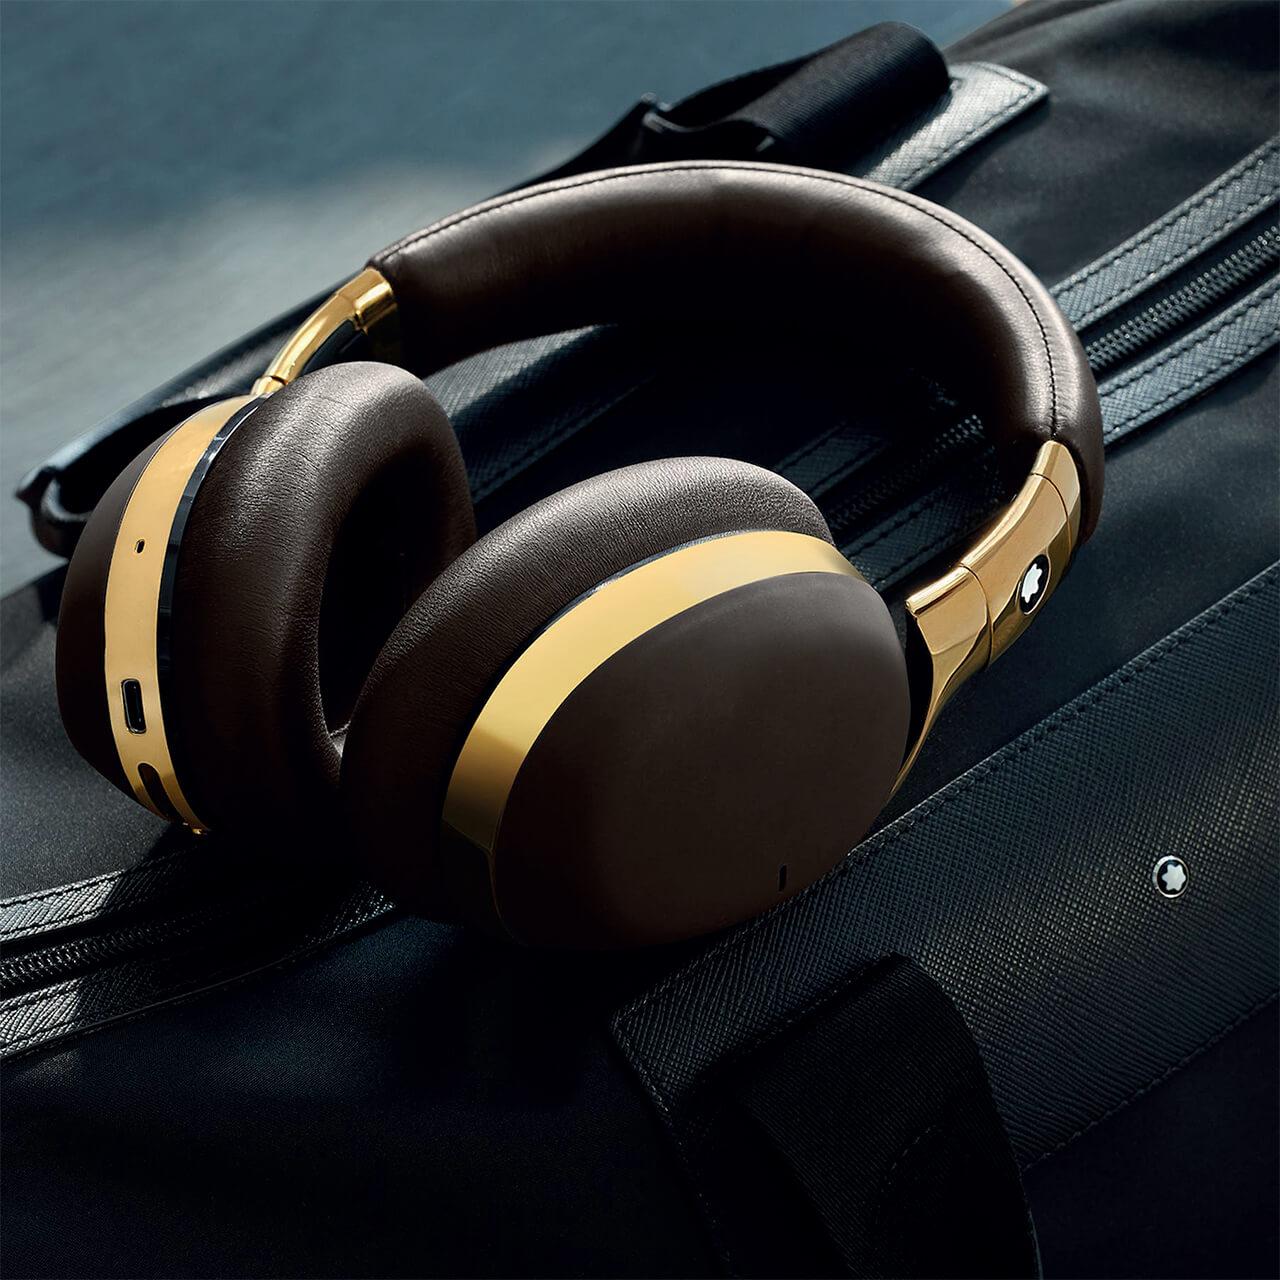 Montblanc MB 01 Wireless Headphones